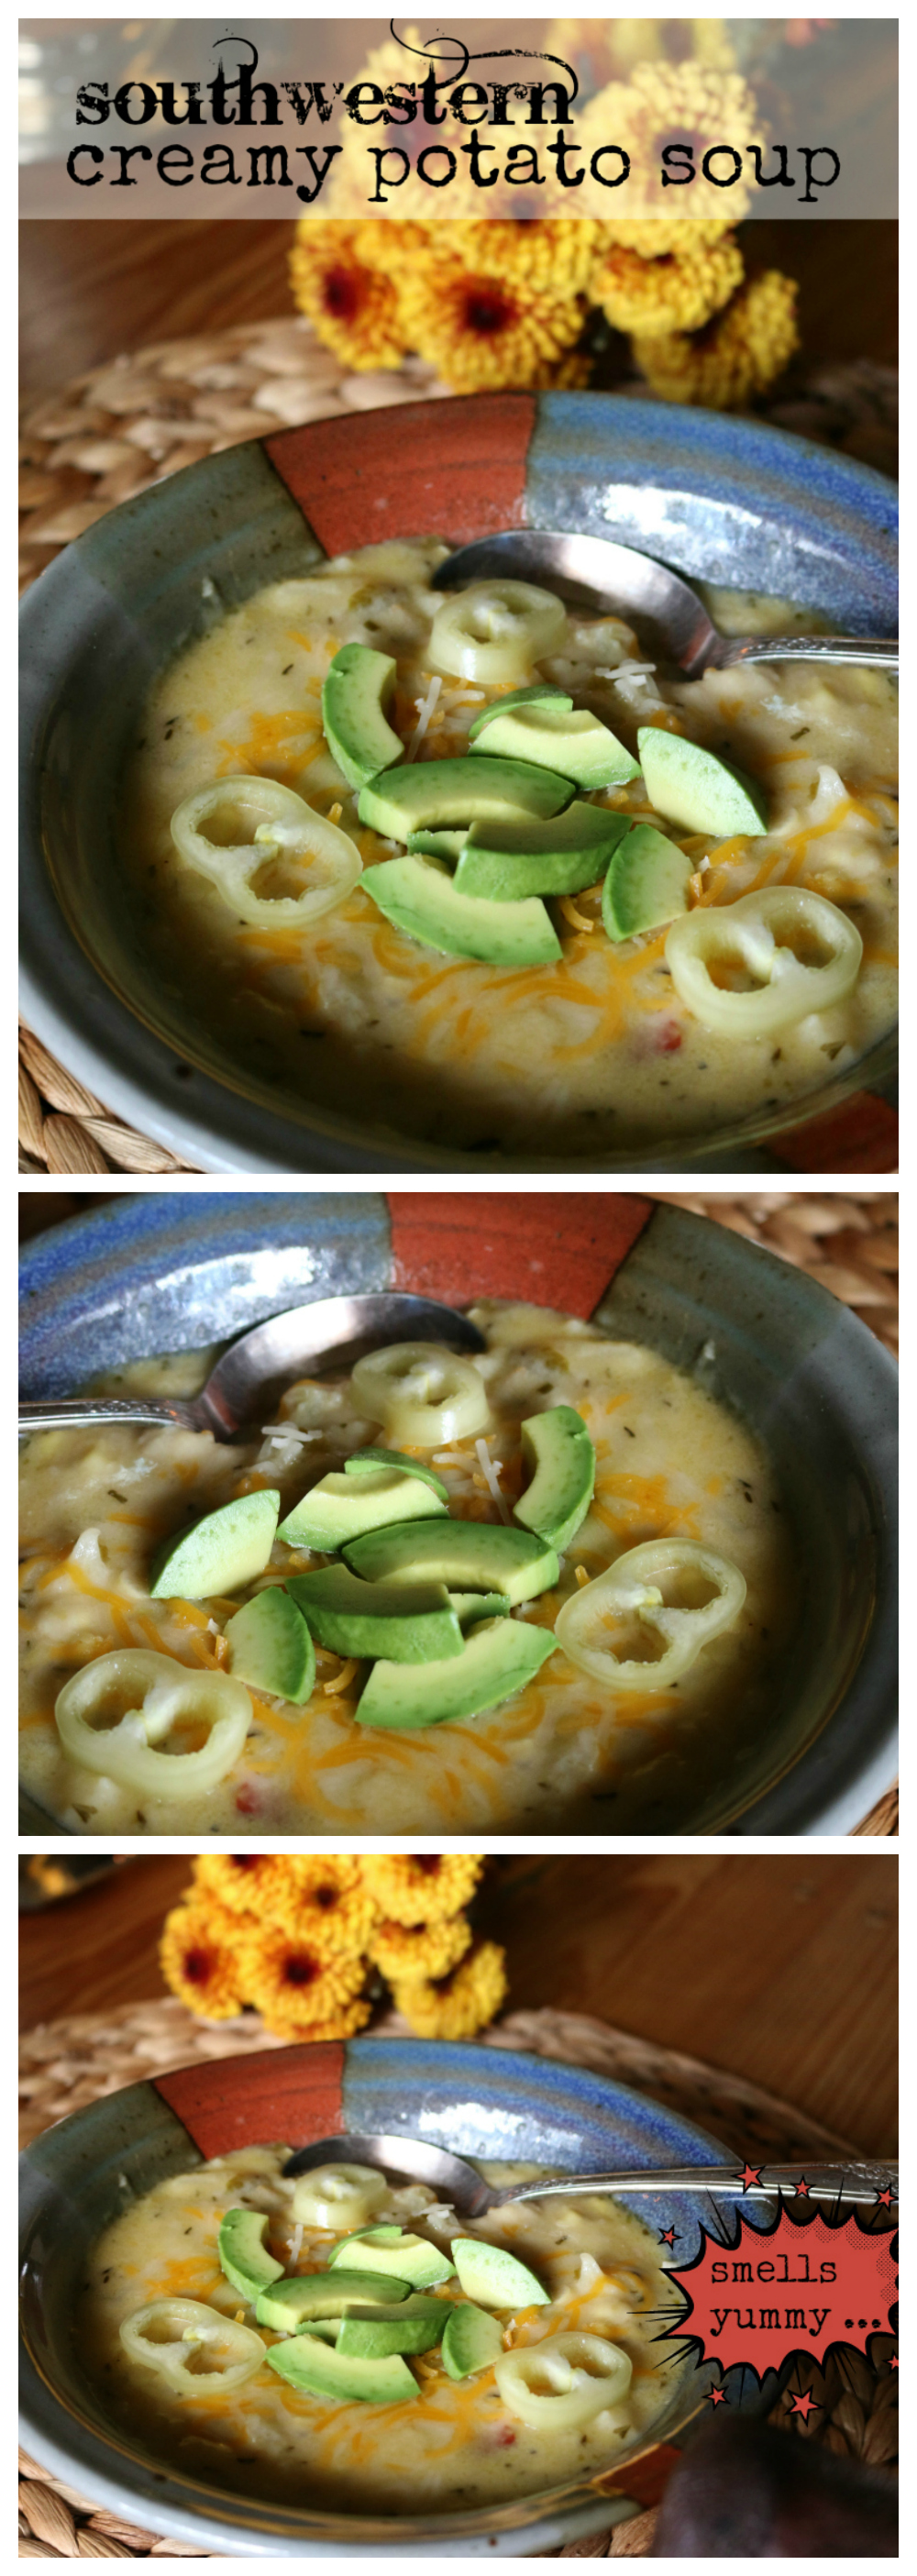 A Southwestern Creamy Potato Soup Recipe CeceliasGoodStuff.com Good Food for Good People